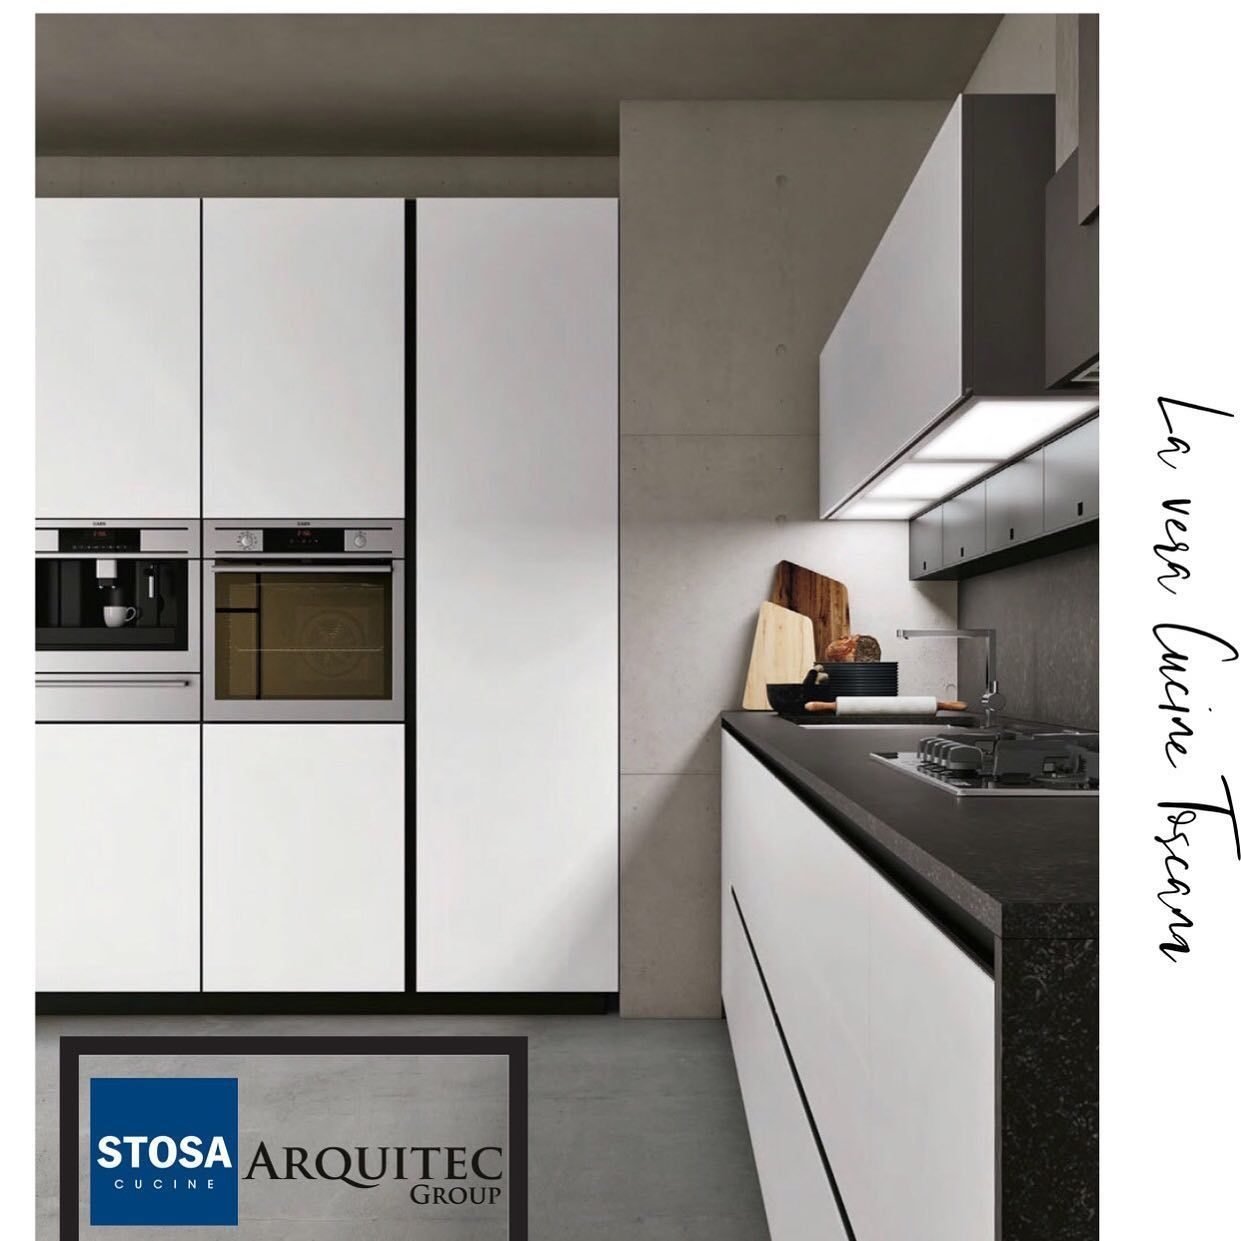 Minimalismo Y Modernismo Dos Conceptos Bien Aplicados A Los Disenos Que Planteamos En Nuestros M Cocinas Modernas Gabinetes Cocina Muebles De Cocina Modernos